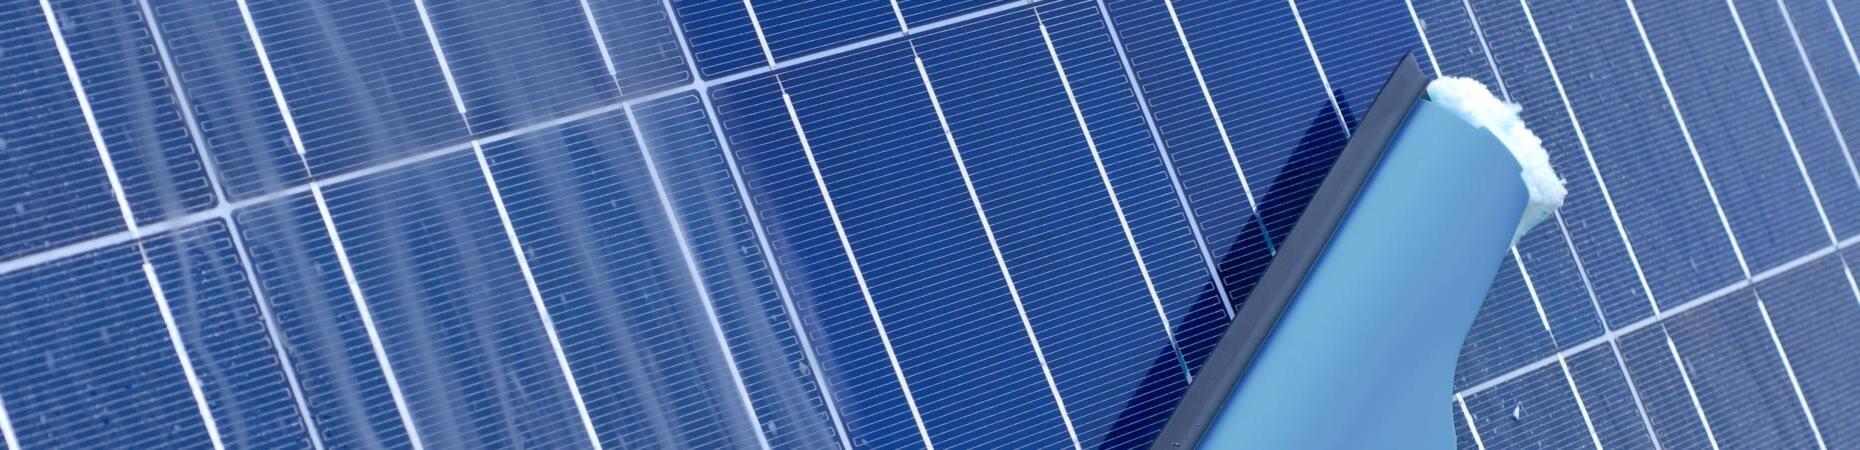 cicognaservizi it pulizie-pannelli-solari-bologna 004